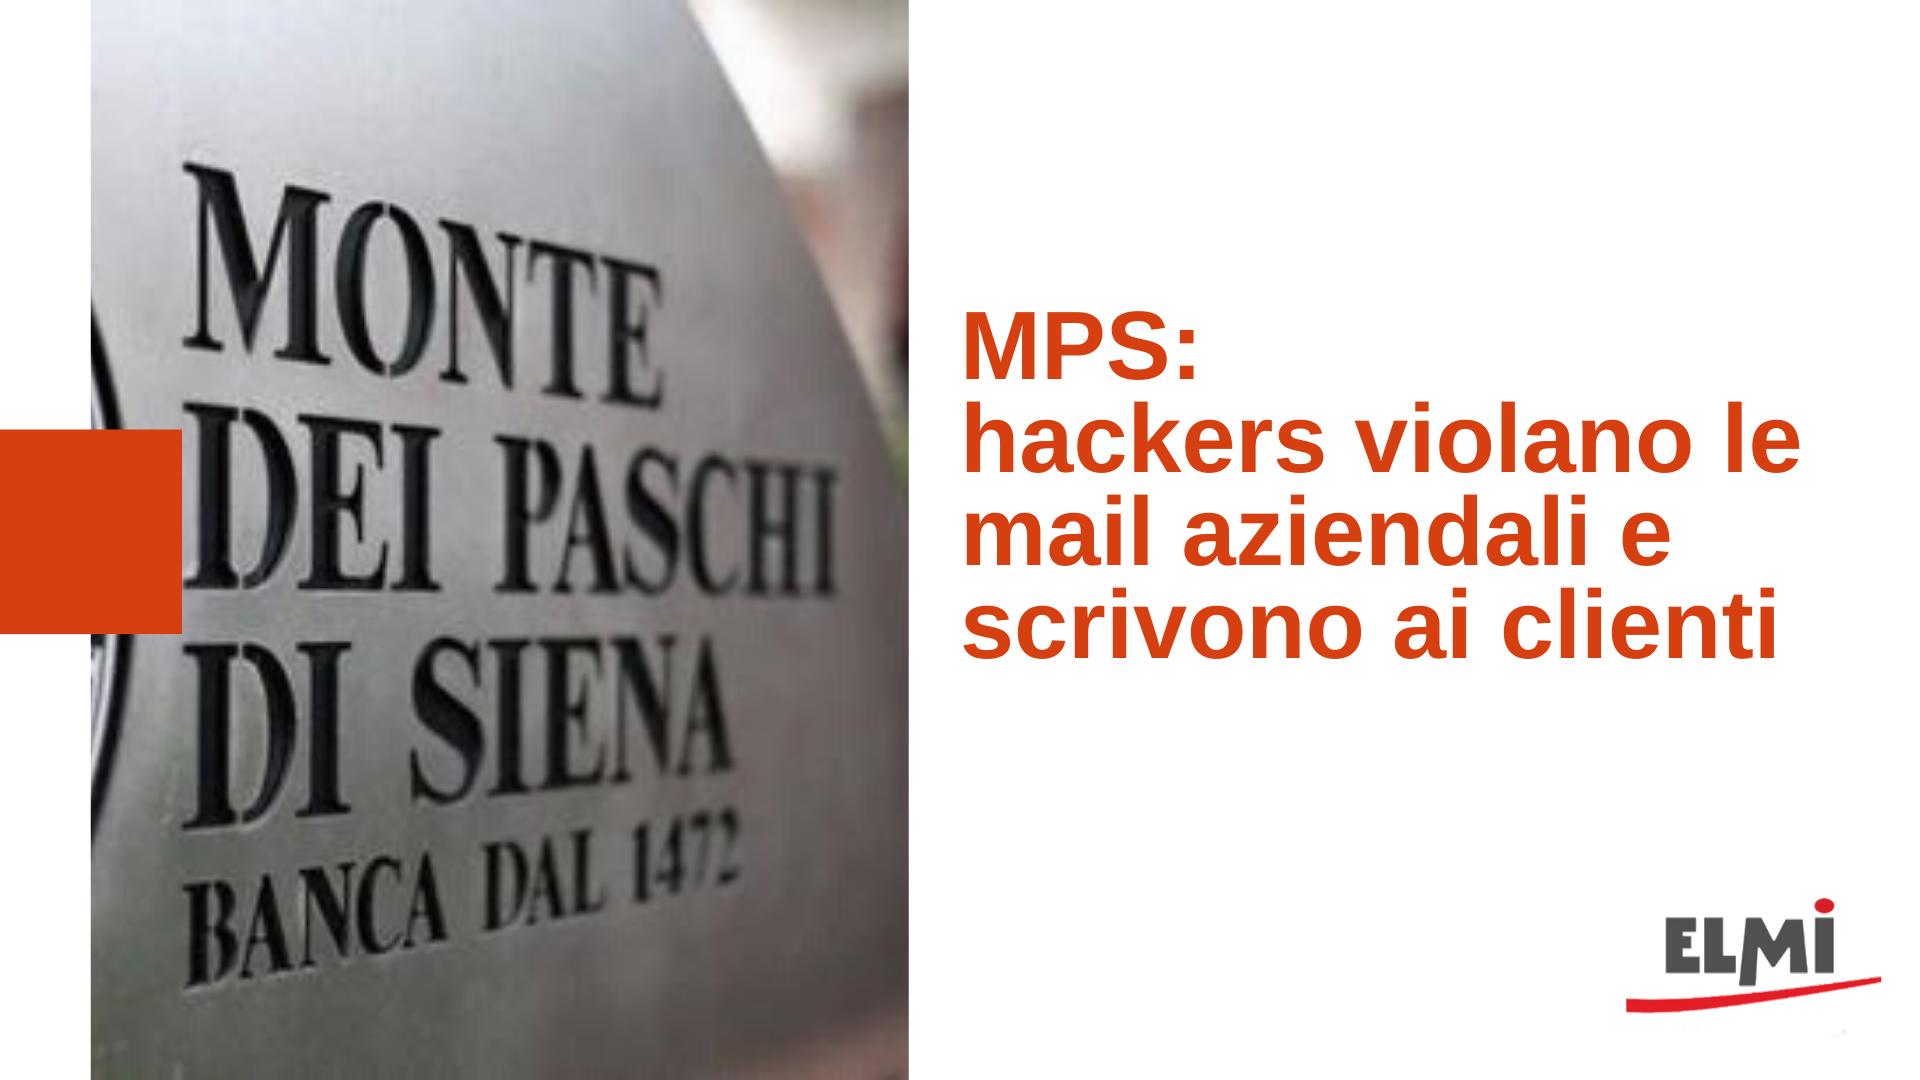 Attacco hacker alla banca Monte dei Paschi di Siena. Ecco cosa è successo